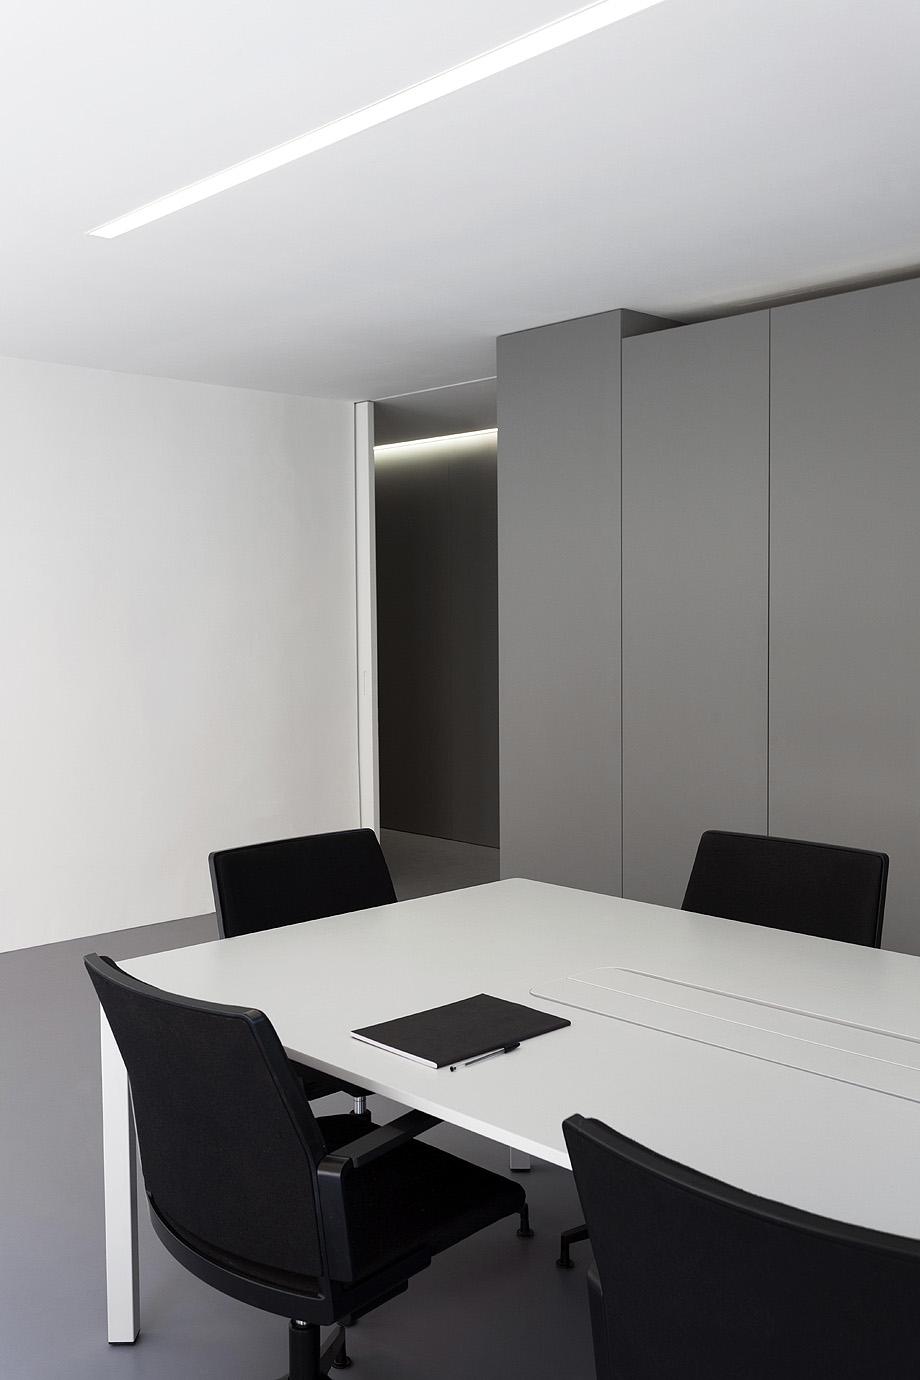 oficinas oav de fran silvestre arquitectos - foto diego opazo (10)